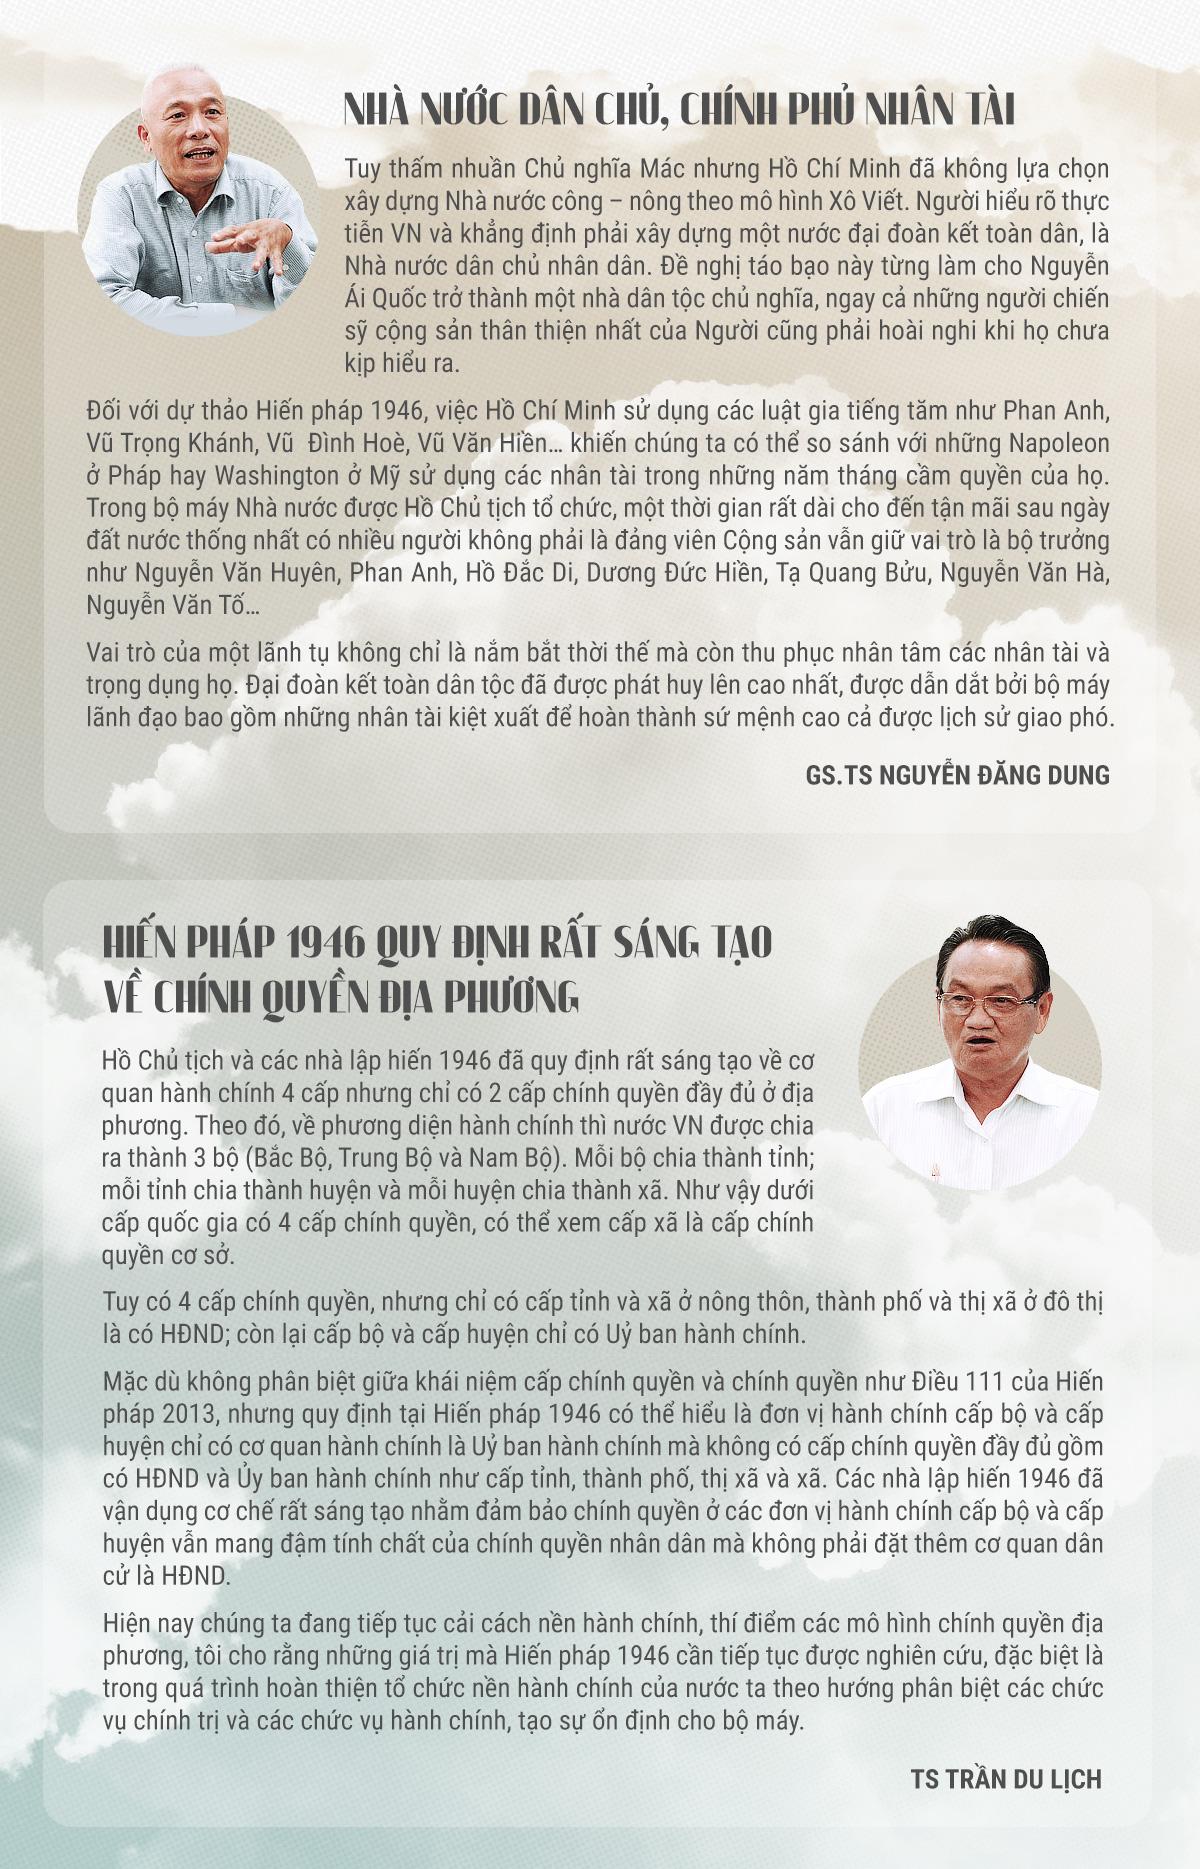 Chương 1: Lợi ích quốc gia trong khát vọng Hồ Chí Minh - Ảnh 10.